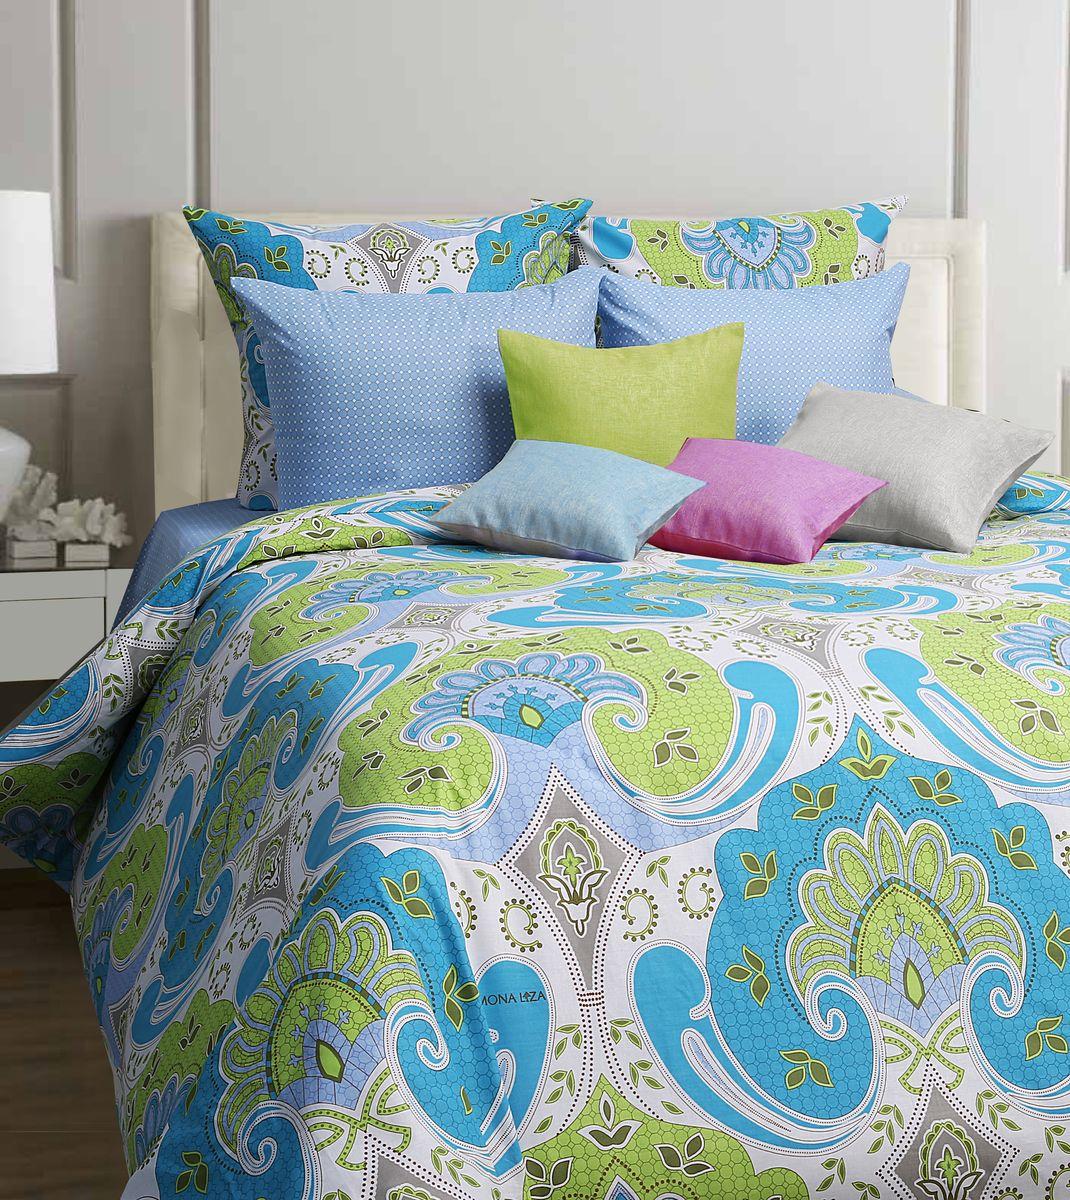 Комплект белья Mona Liza Marakesh, 1,5-спальное, наволочки 70x70, цвет: голубой551114/13Коллекция постельного белья MONA LIZA Classic поражает многообразием дизайнов. Среди них легко подобрать необходимый рисунок, который создаст в доме уют. Комплекты выполнены из бязи 100 % хлопка.